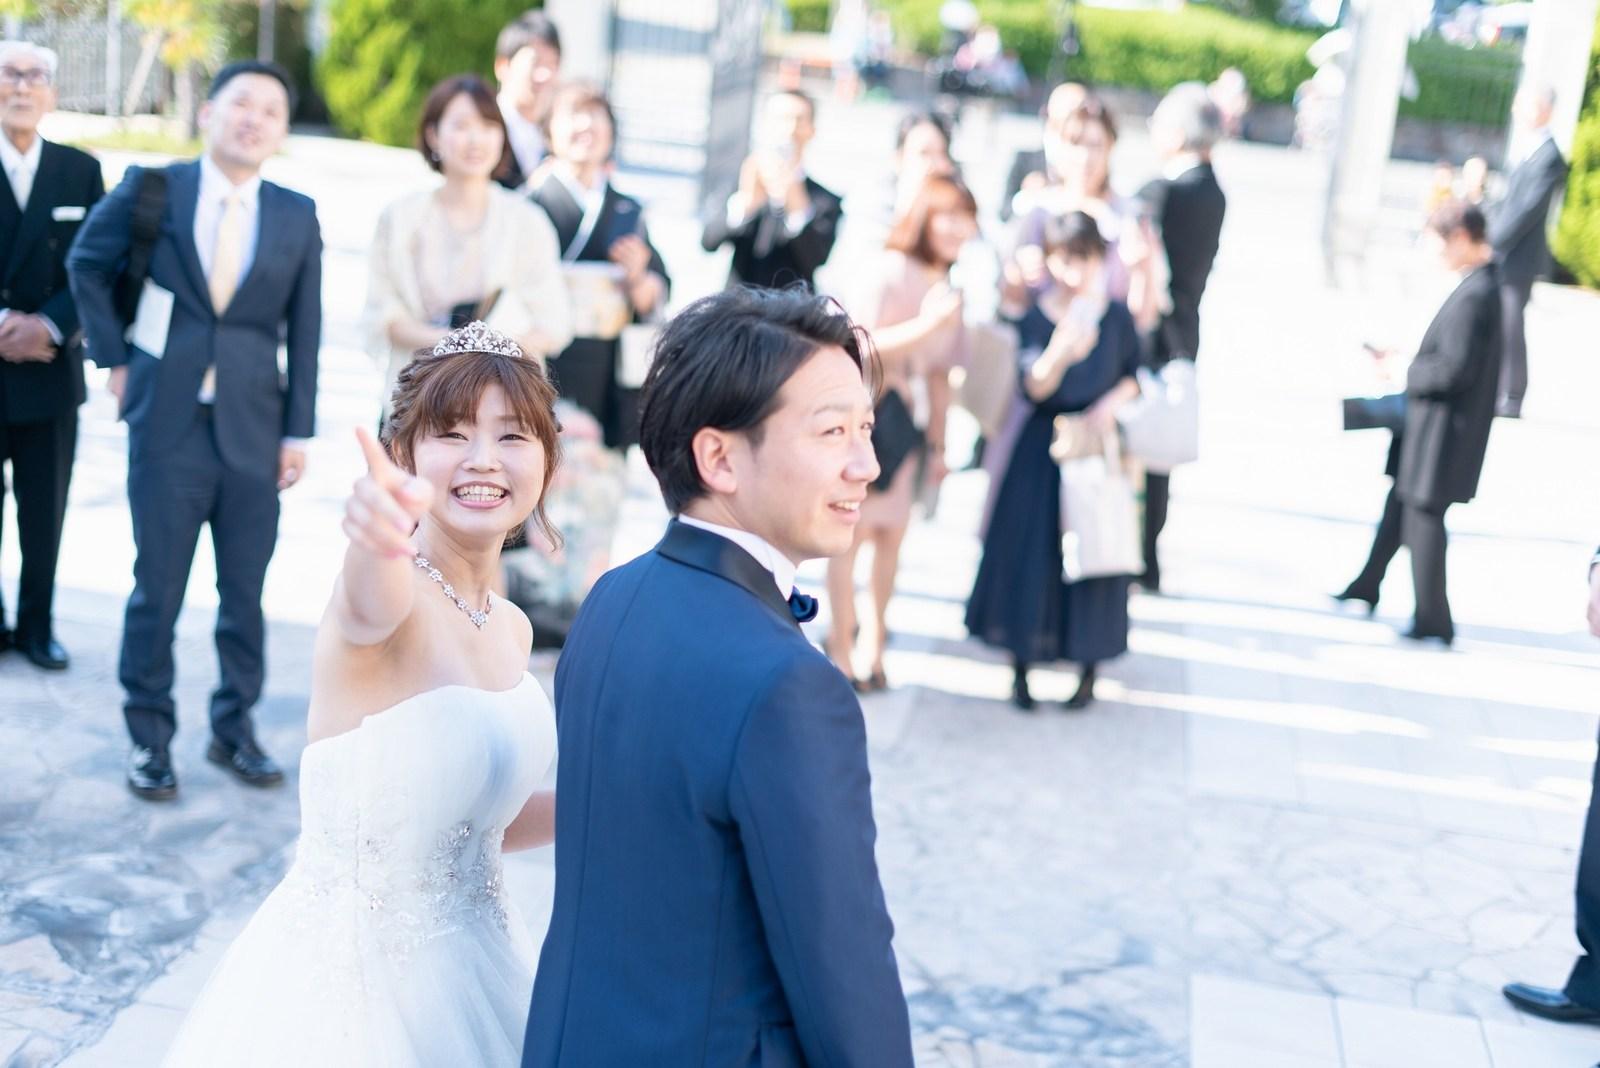 香川県の結婚式場のシェルエメール&アイスタイルのバルーンリリース